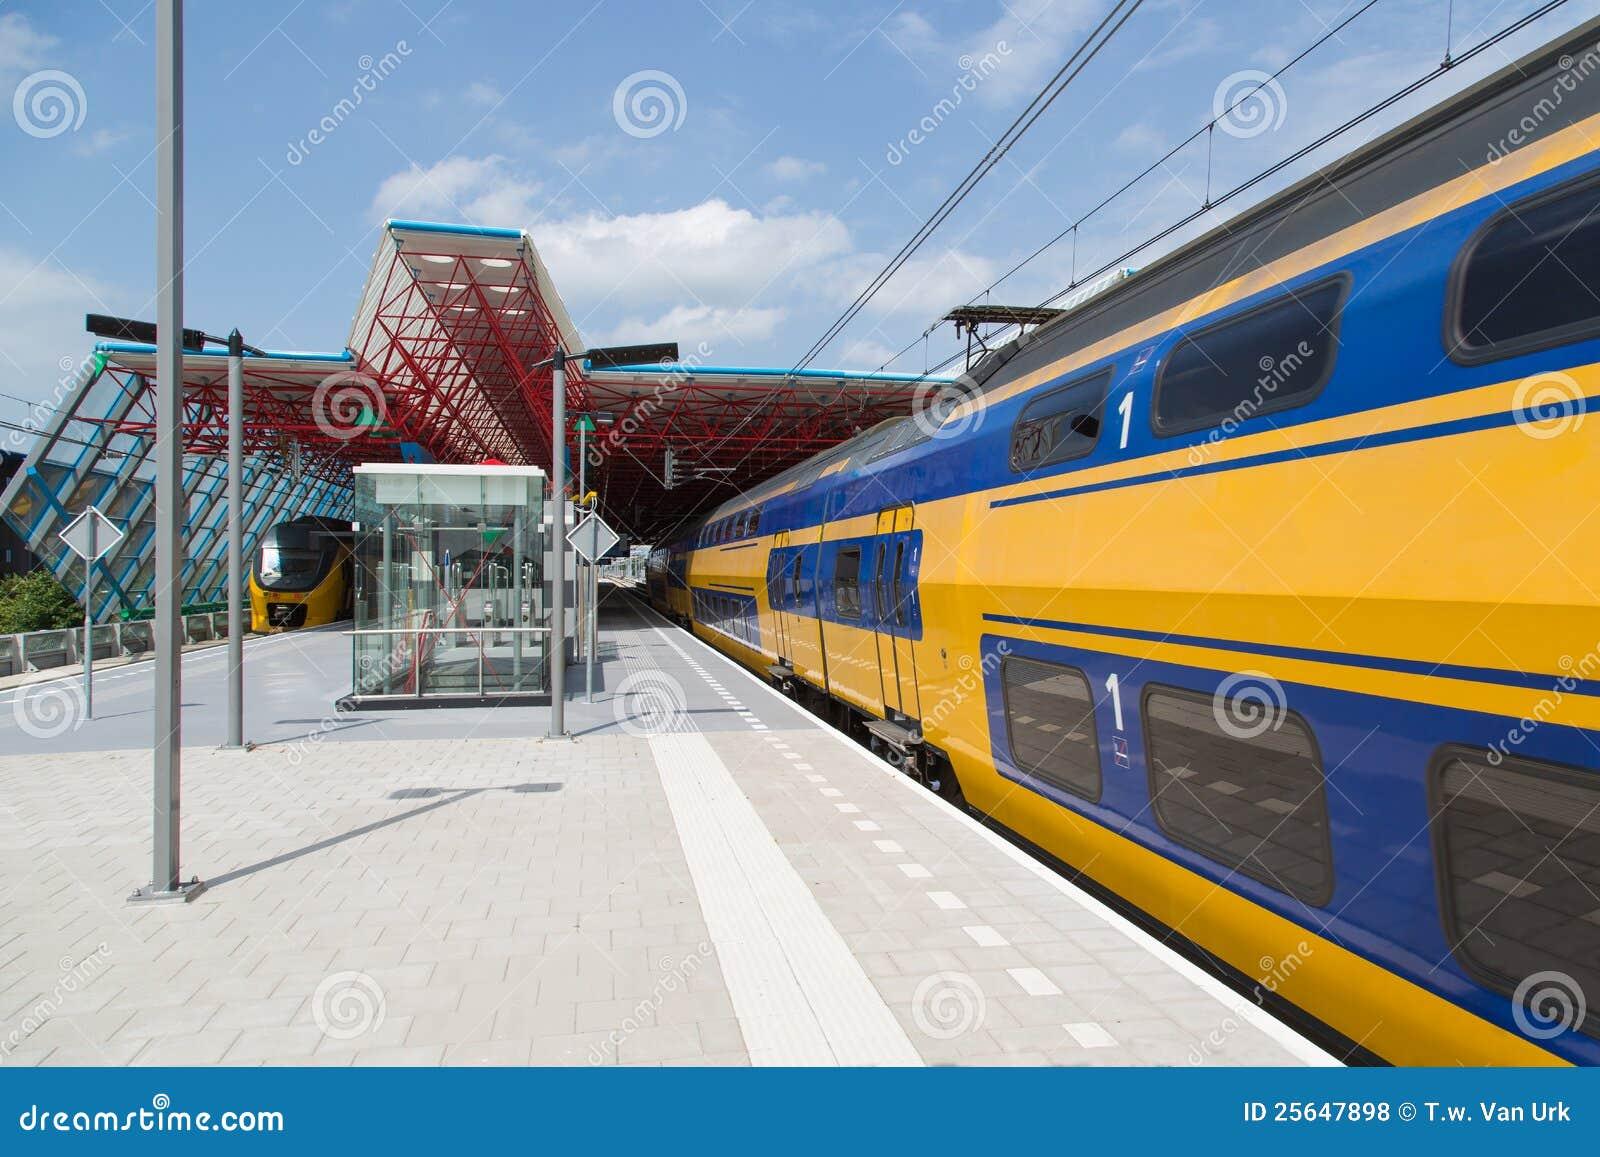 Trein bij de centrale post van een Nederlandse stad